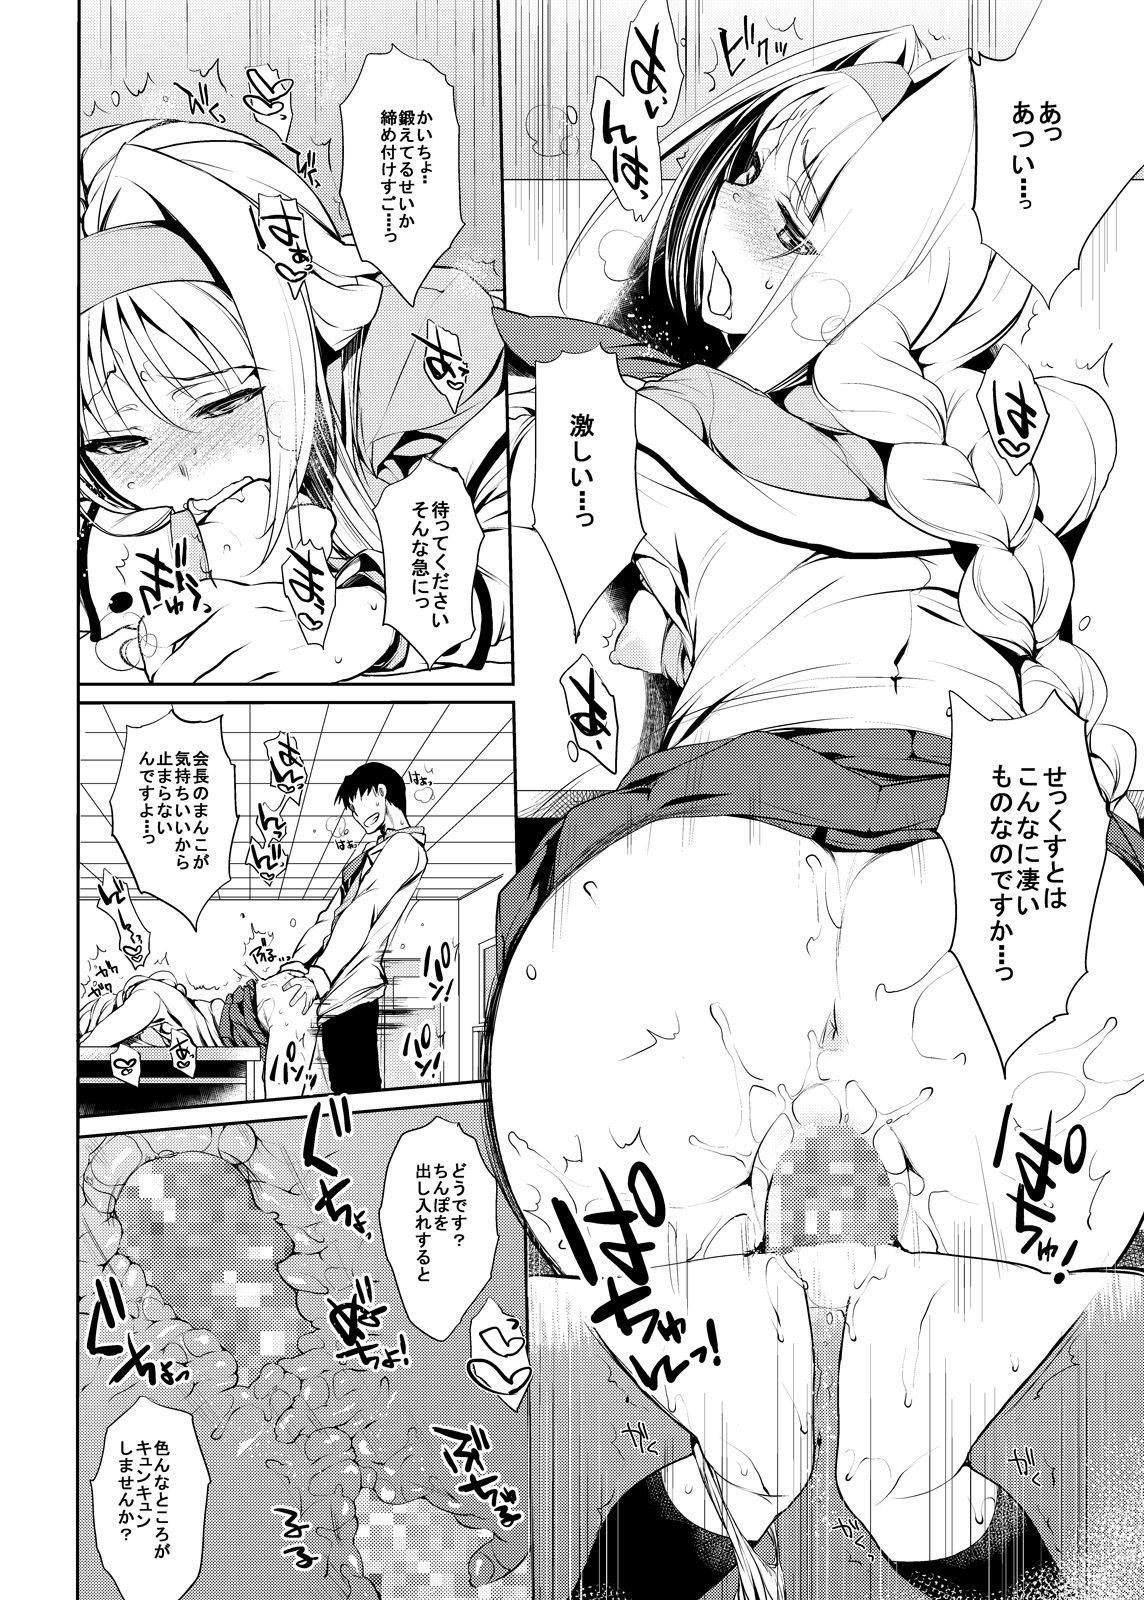 PachiSuro-kei Doujinshi Matome Pack 56